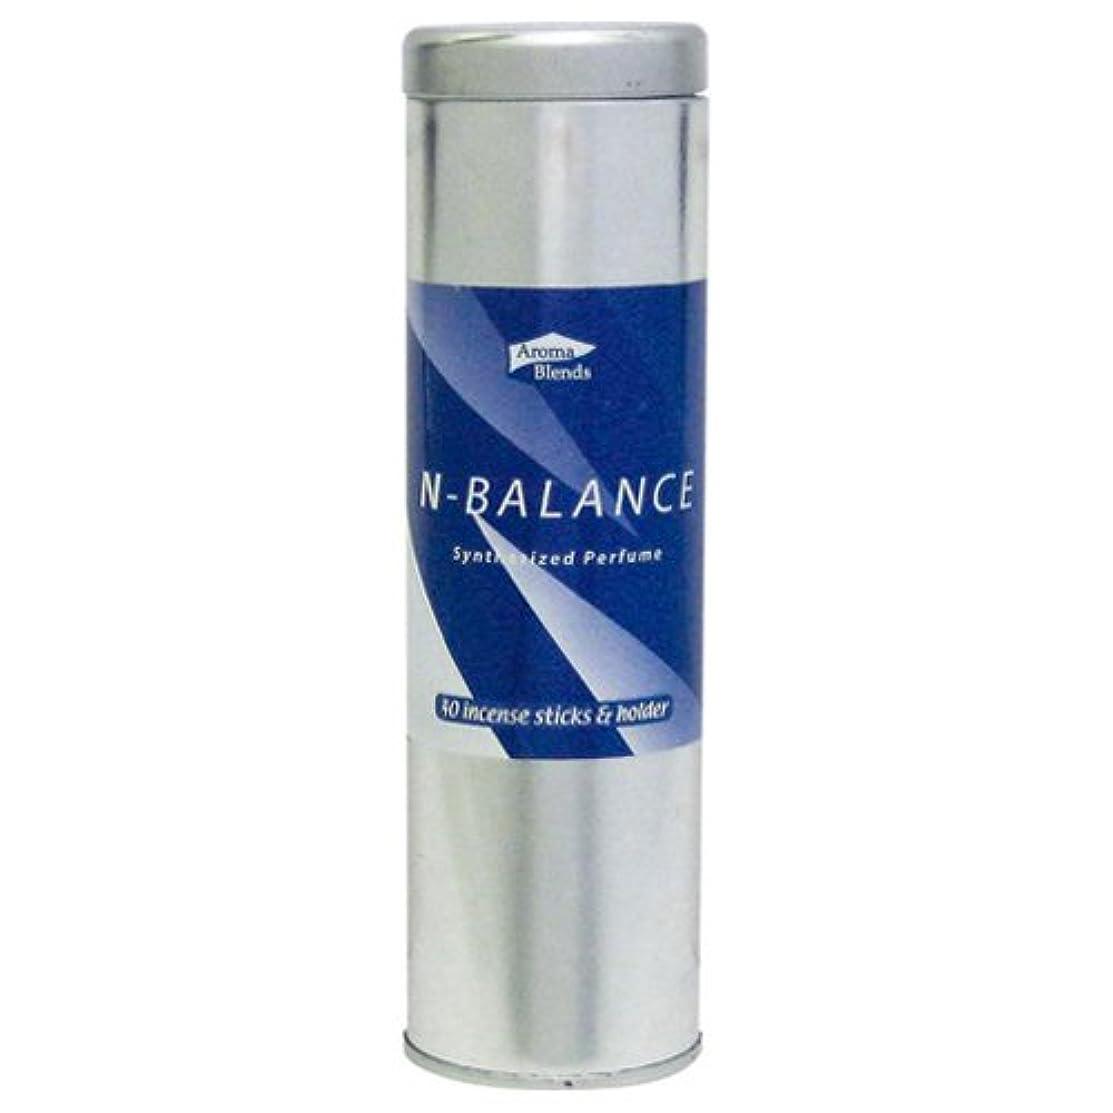 厳しいアラスカチャンバーAB-CIS-4 シンセサイズドパフューム アロマブレンド 缶インセンススティックセット 6個セット Nバランス